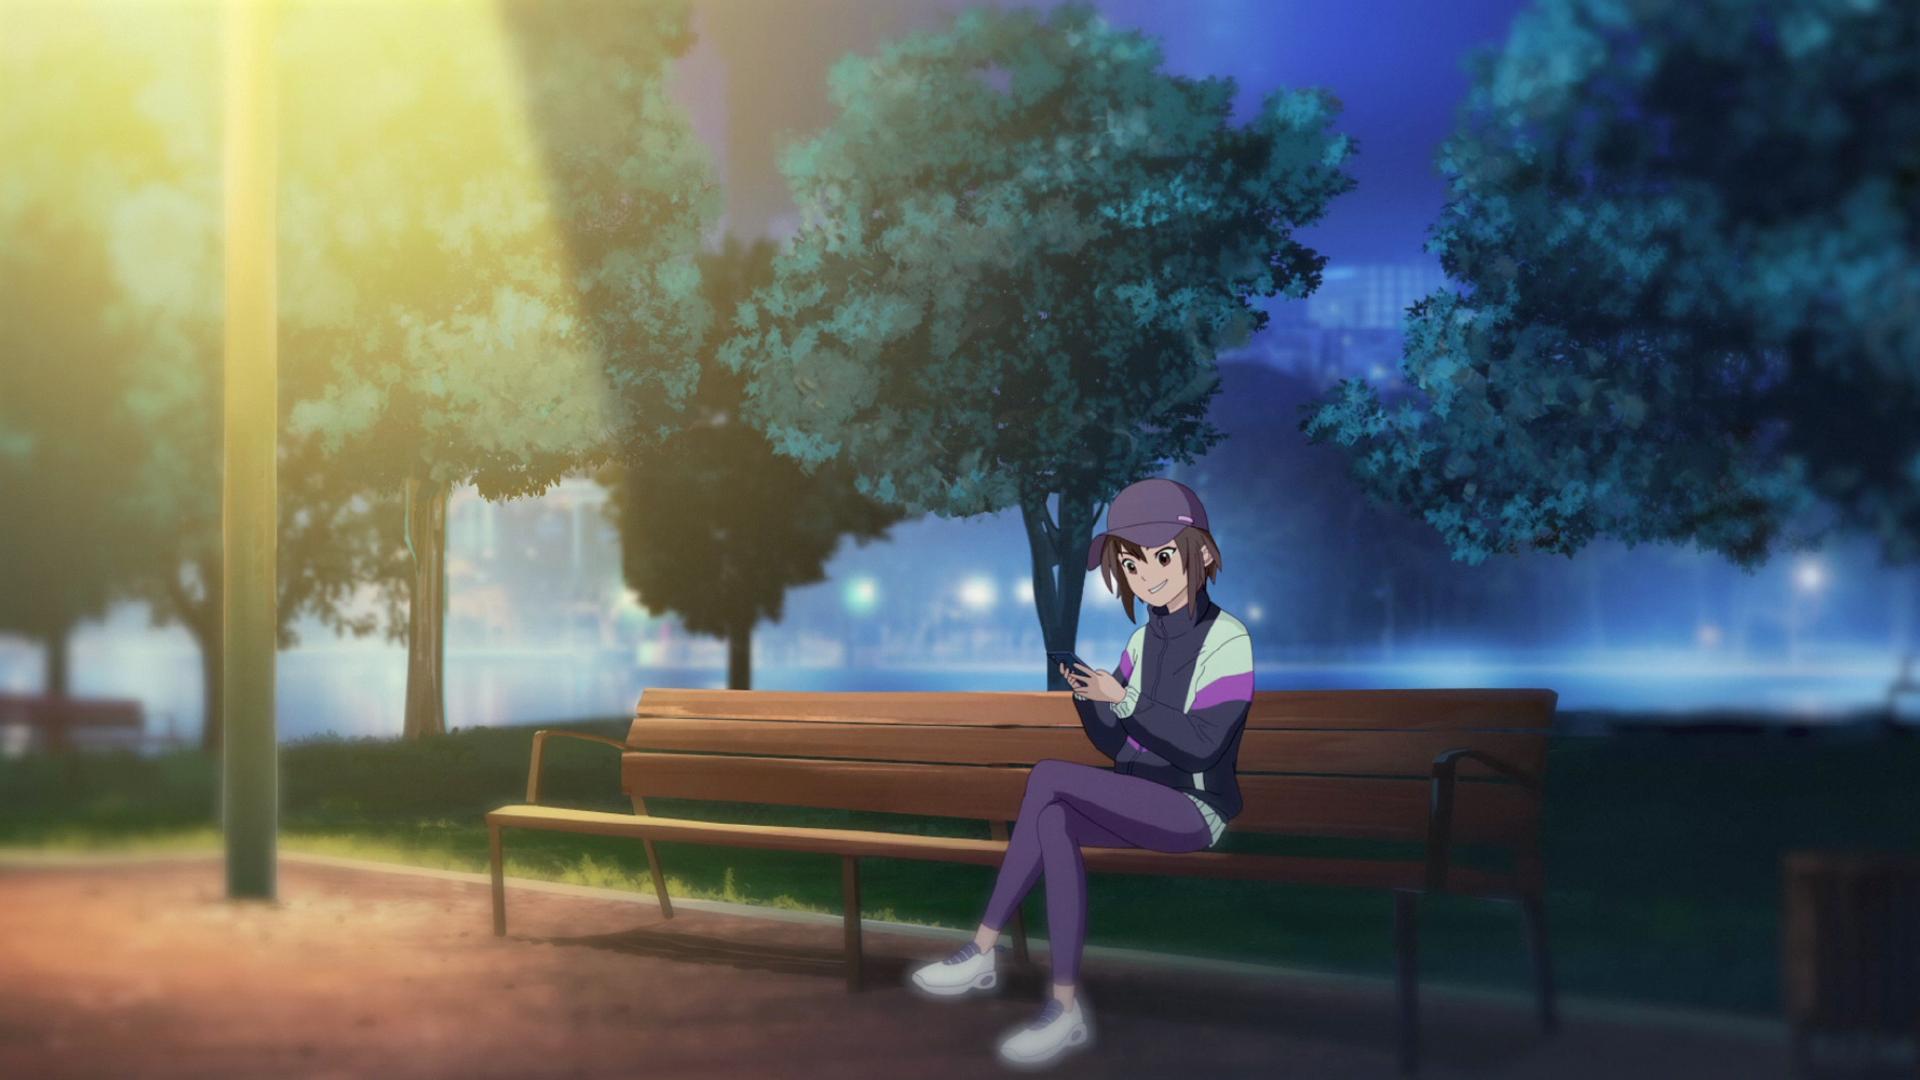 vtuber-idol-anime-sport-girl